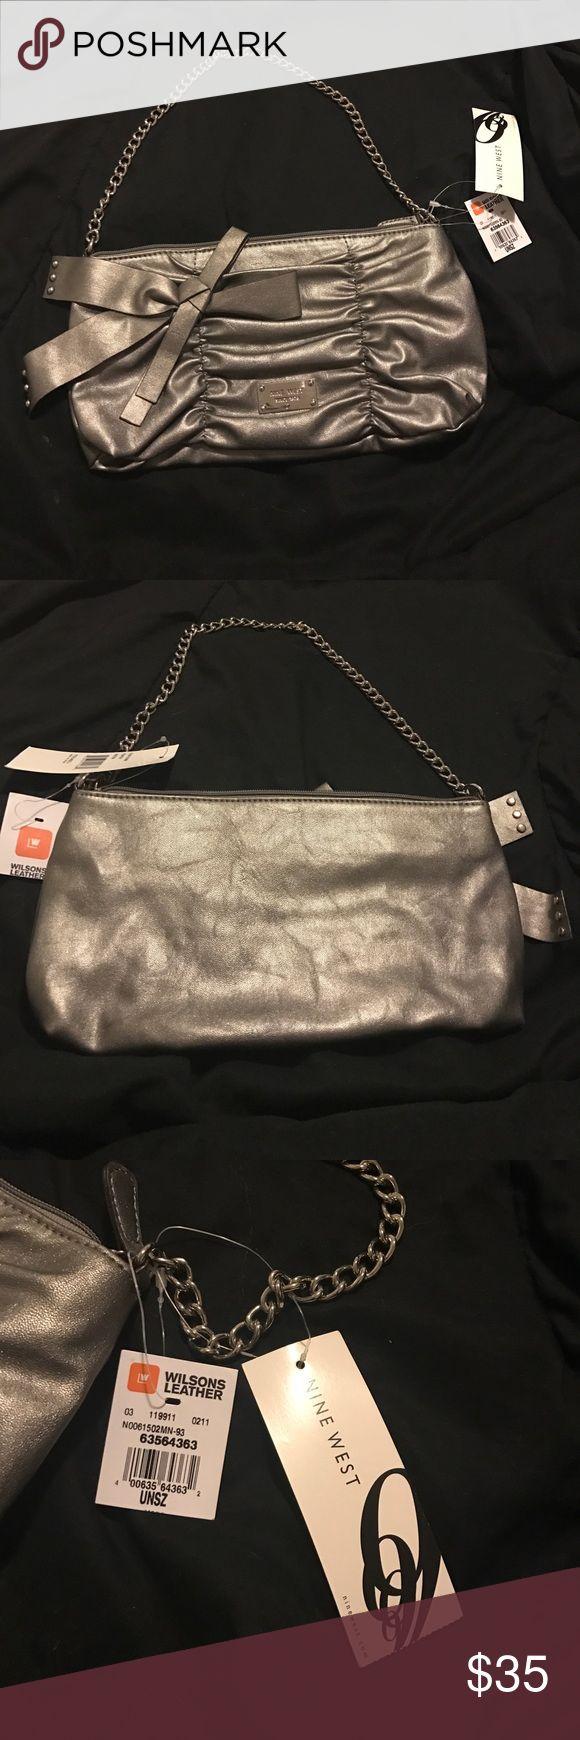 NWT NINE WEST PURSE Grey zipper on the outside and inside Nine West purse. NWT. Nine West Bags Clutches & Wristlets